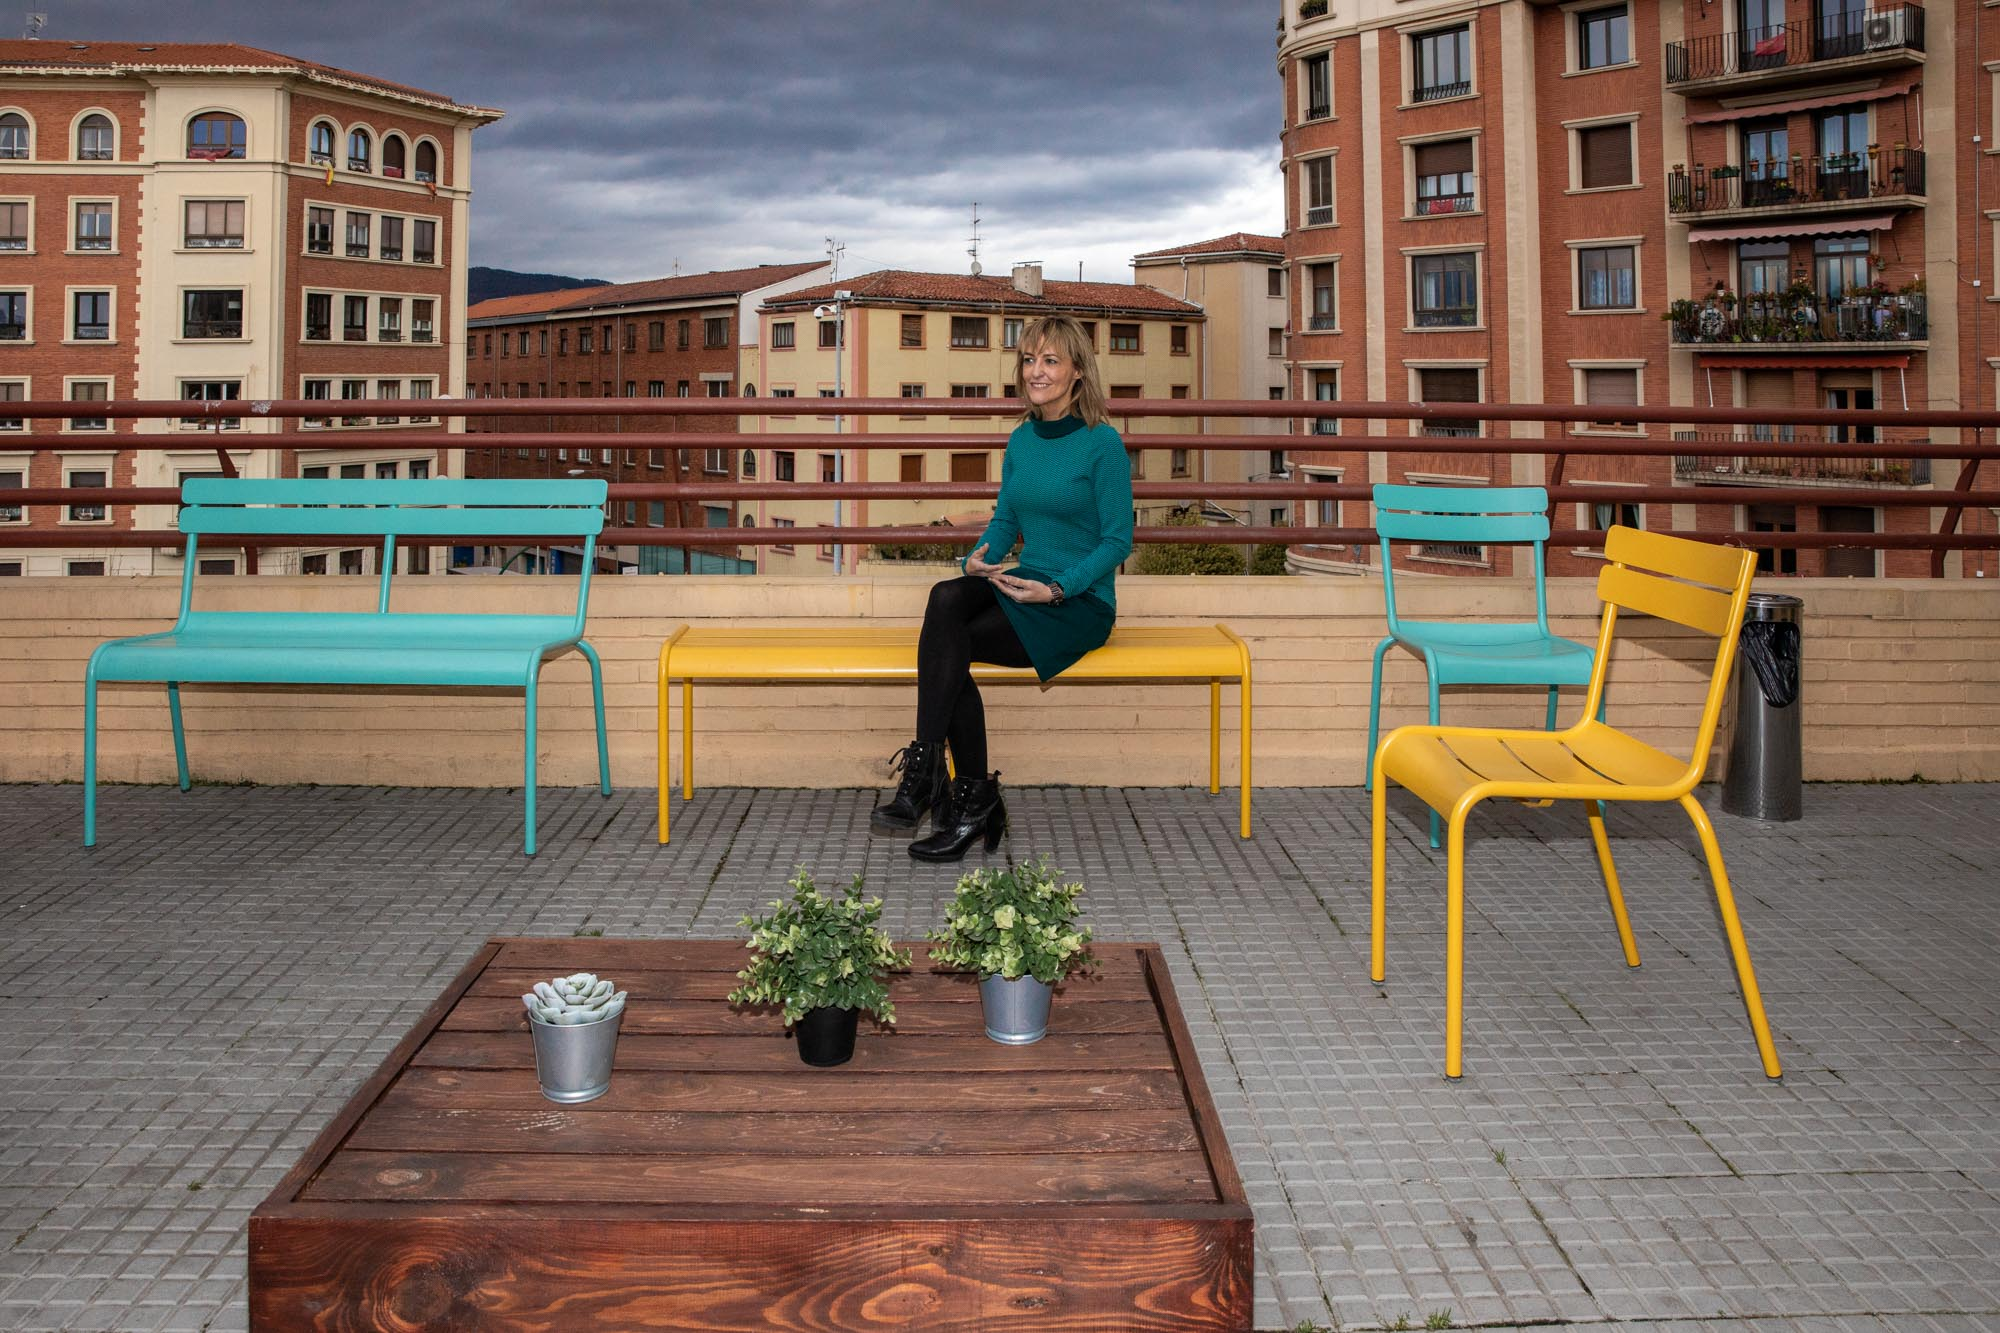 La terraza es uno de los rincones más especiales del inmueble que dirige Gurbindo.